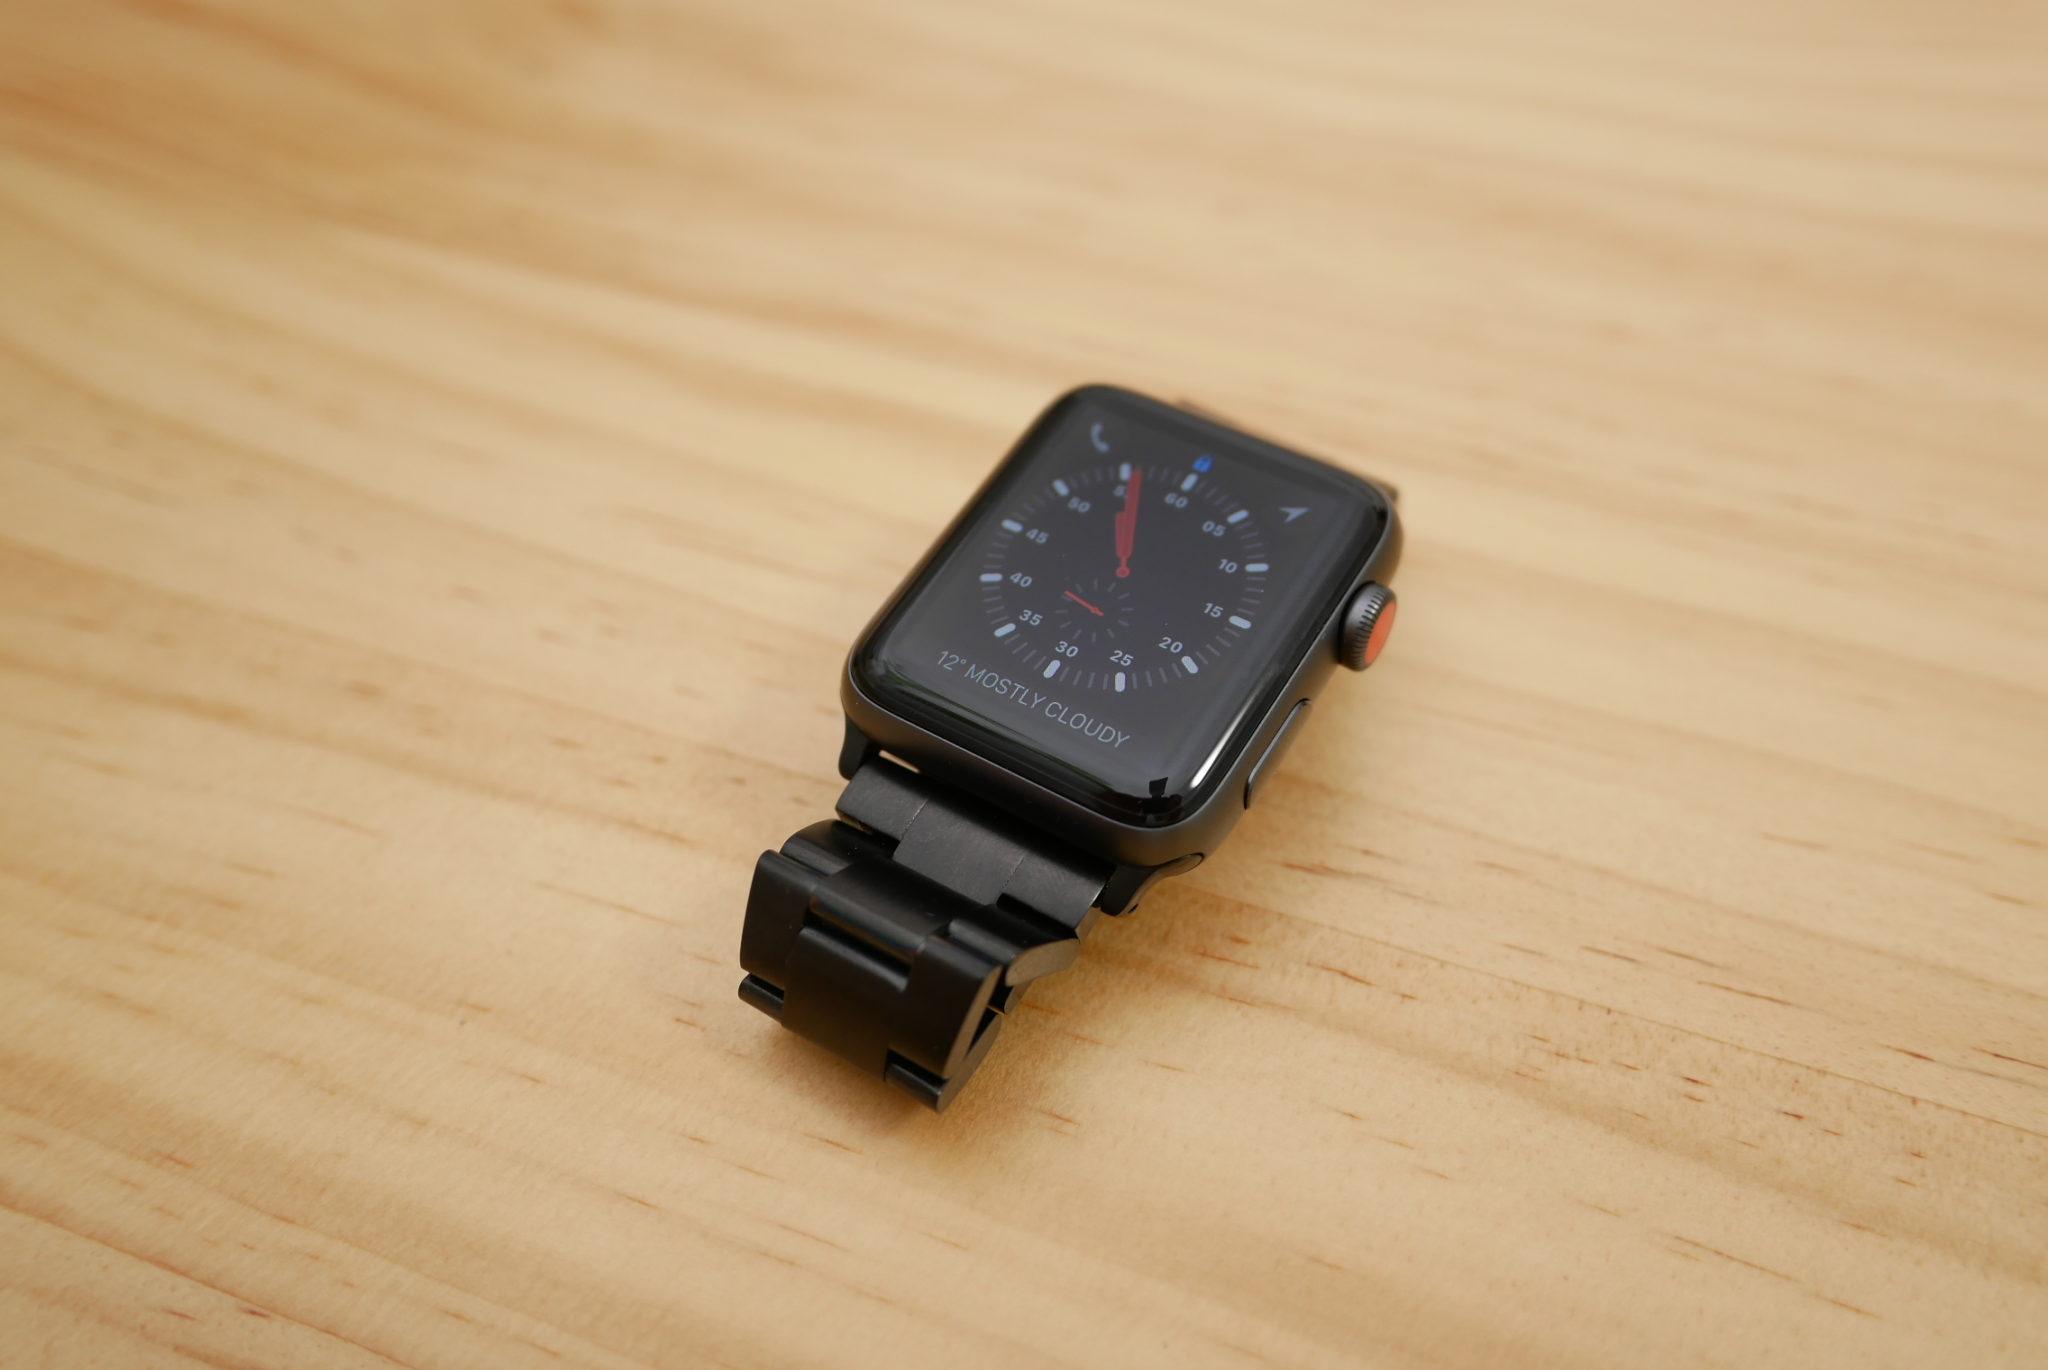 Apple Watch Series 3 ステンレスバンド 取り替え